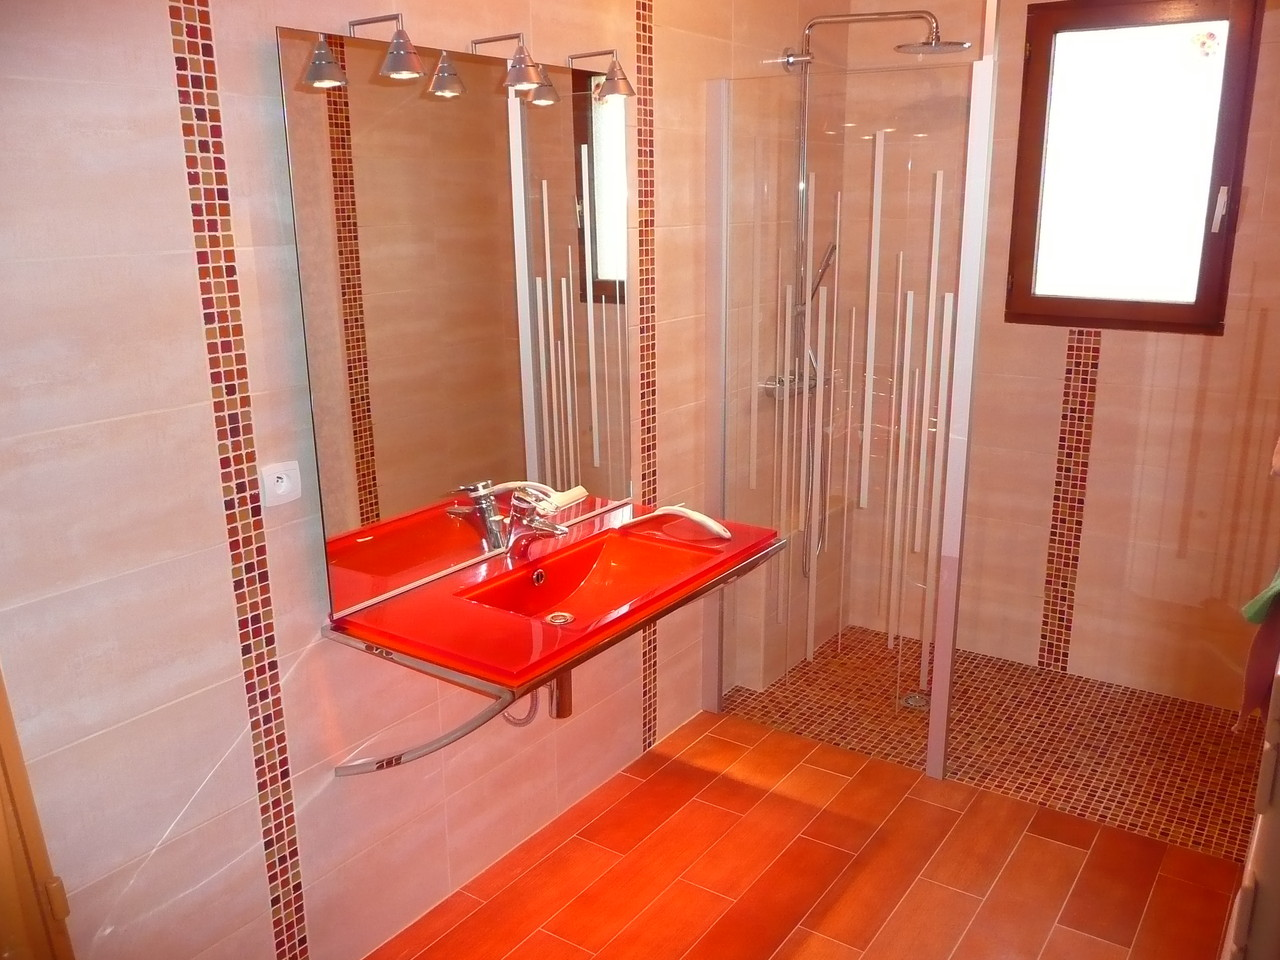 Salles de bain   l'atelier du savoir faire, cuisines biscarrosse